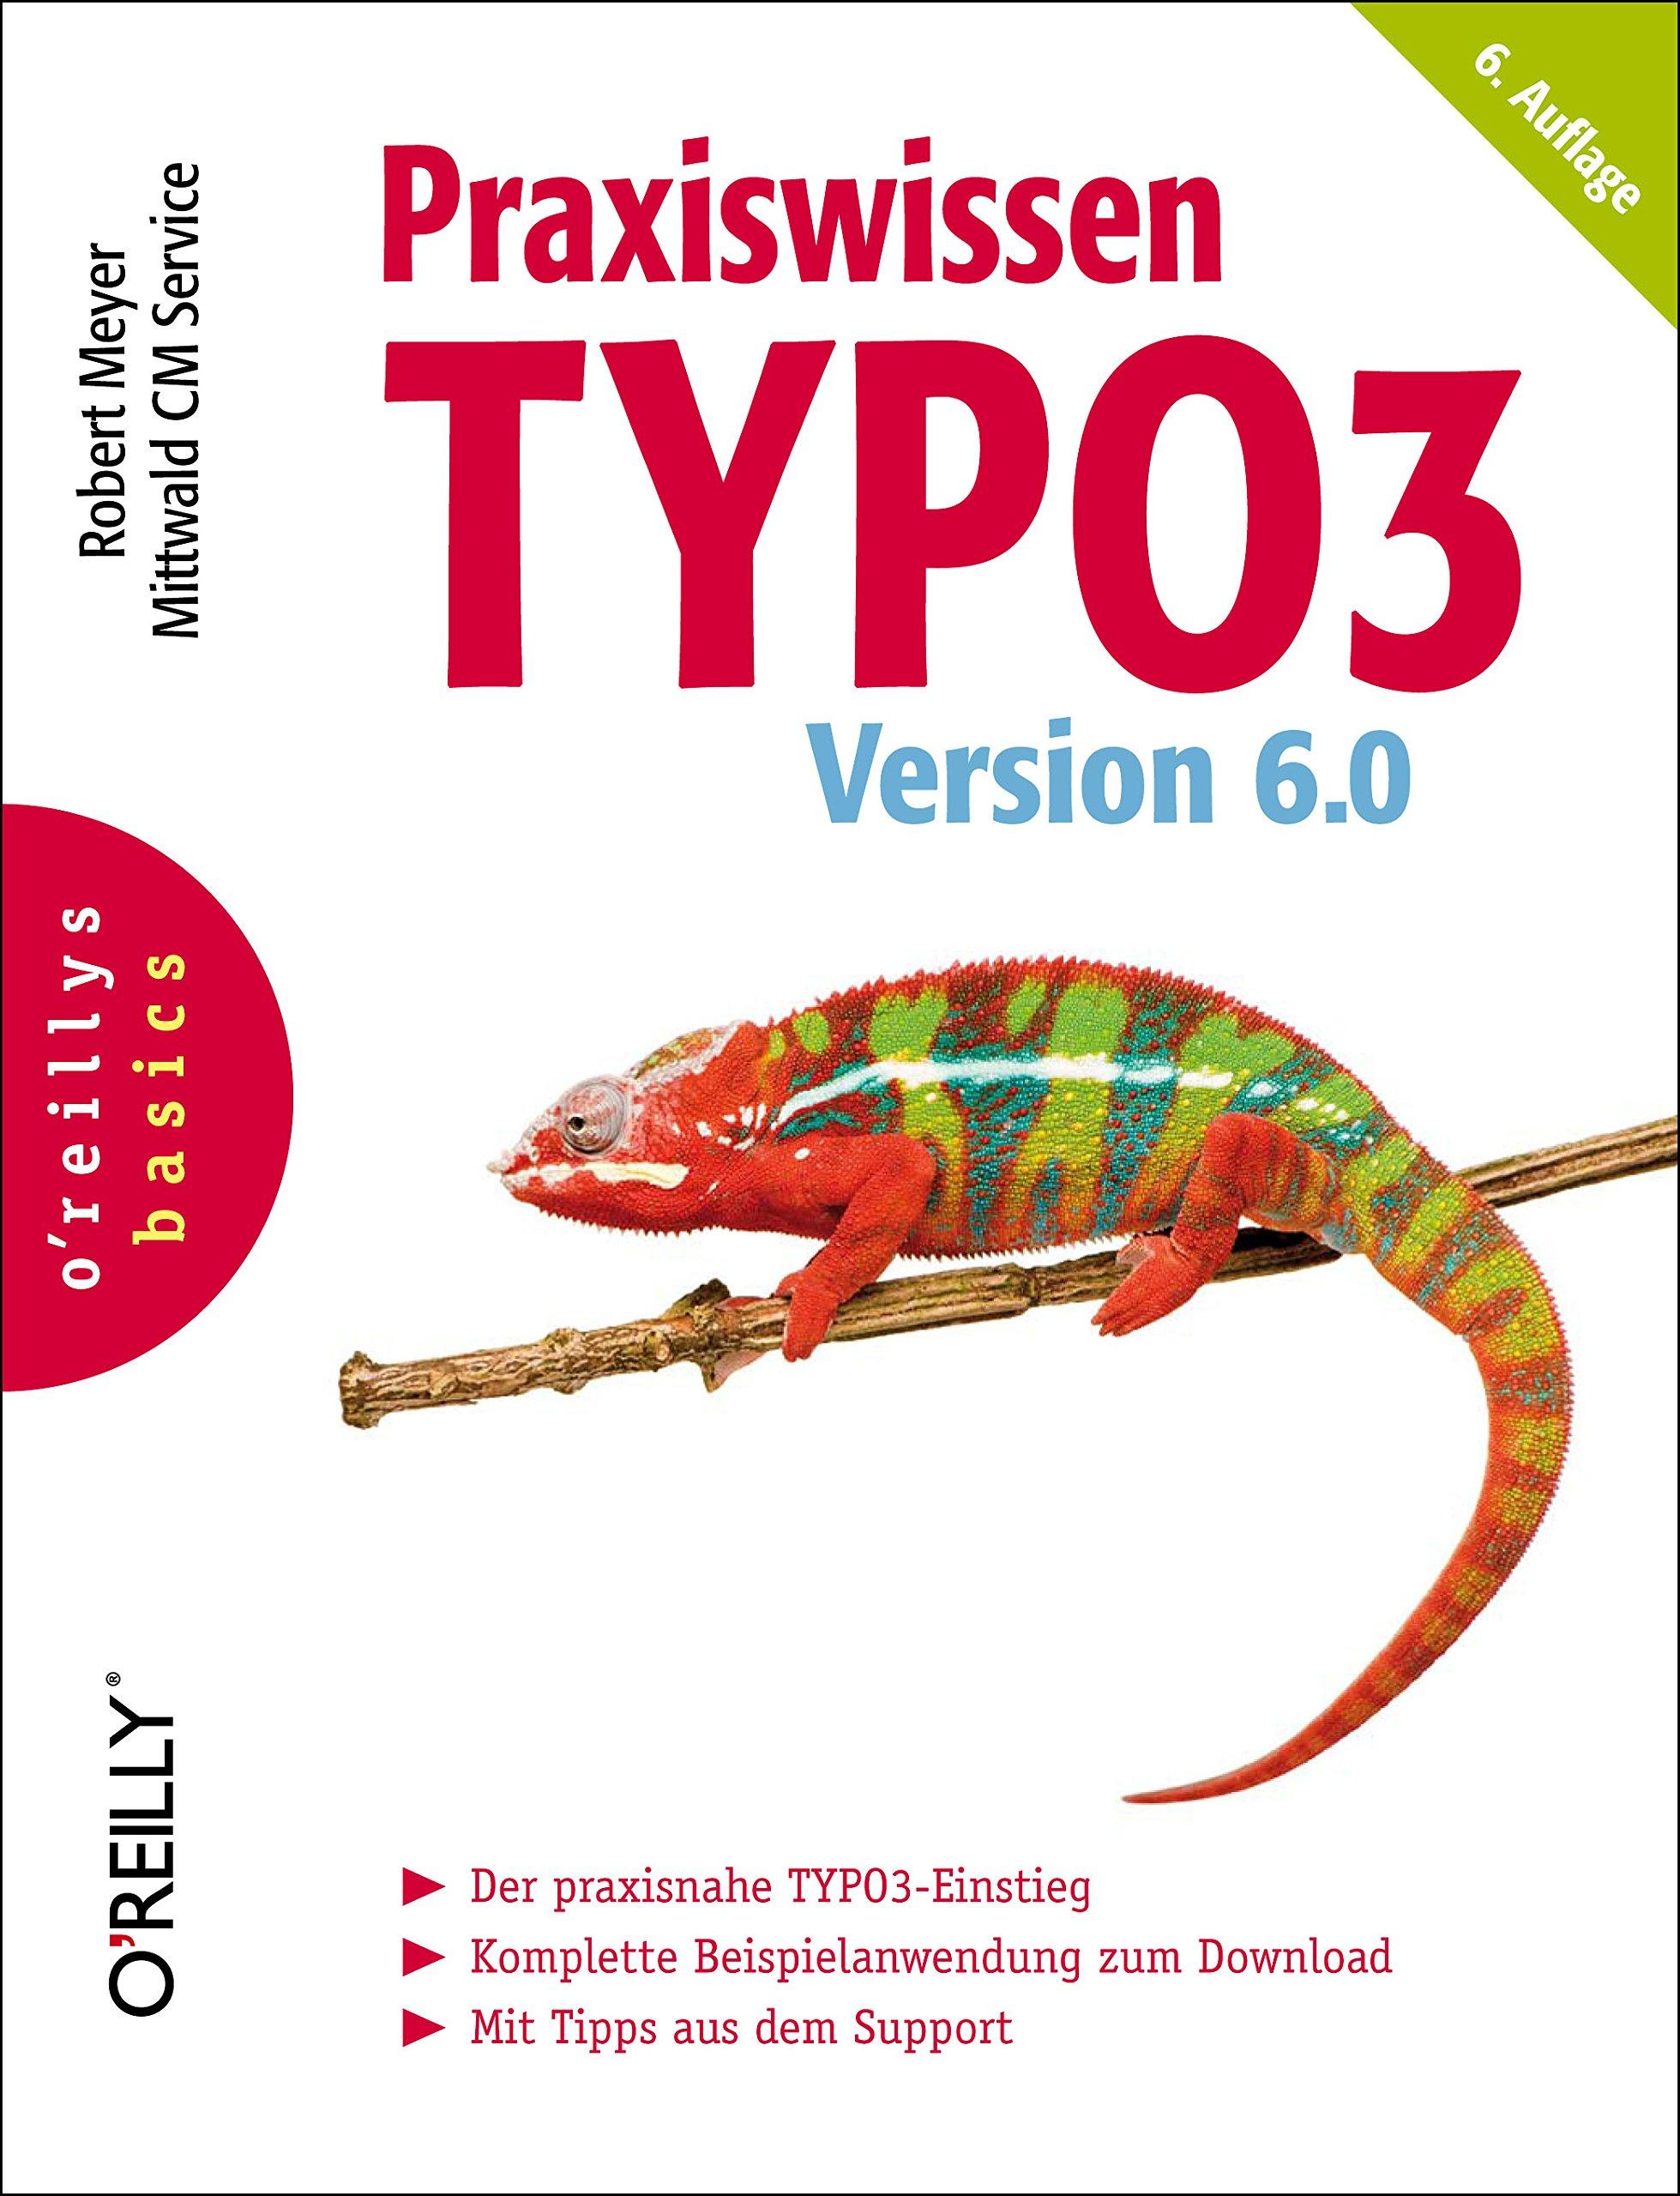 Praxiswissen TYPO3 Version 6.0 Taschenbuch – 1. Januar 2013 Robert Meyer 3868998896 Content Management Internet